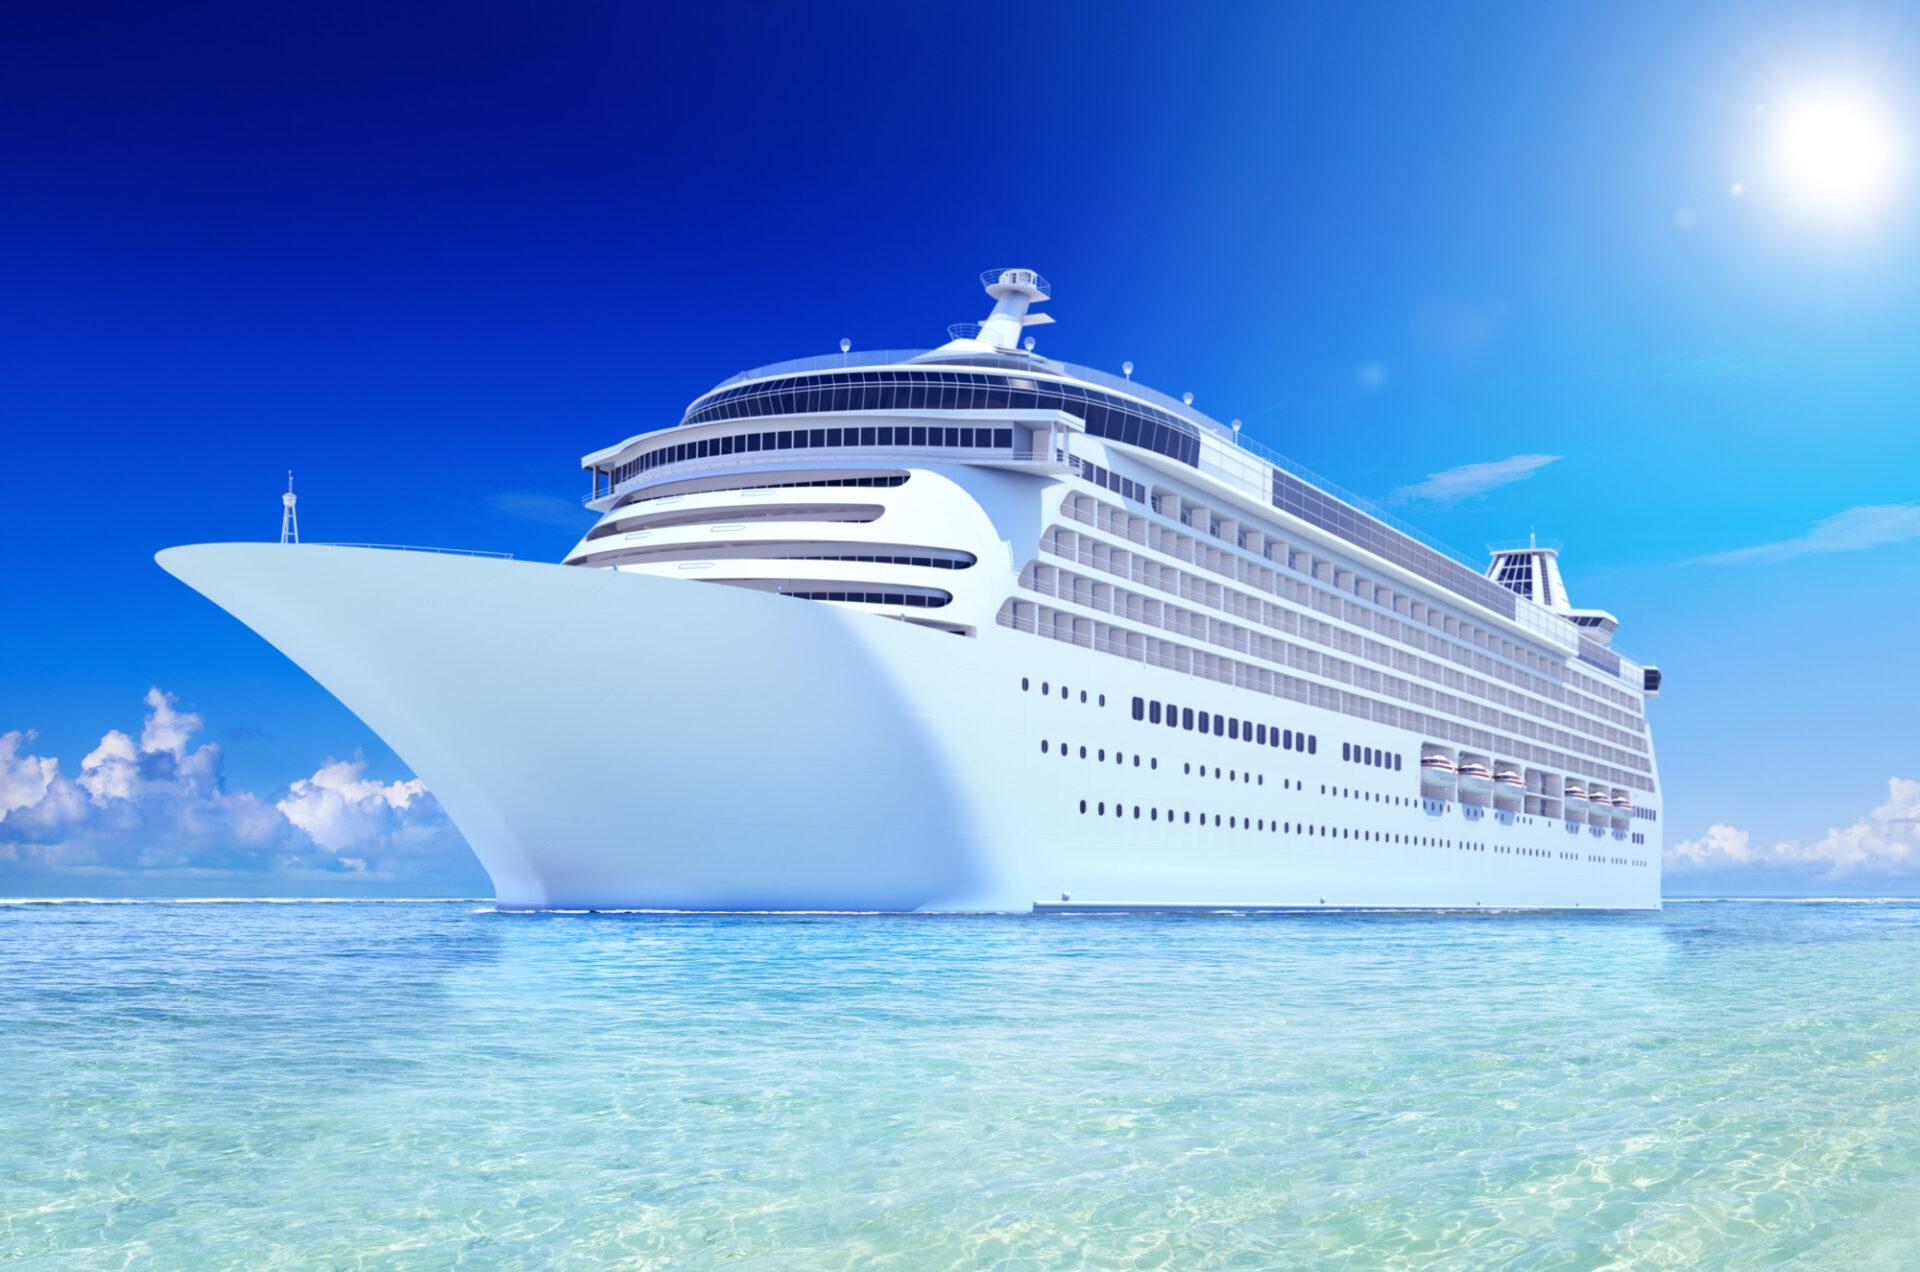 Un bateau de croisière prend la mer&#8230;<br /> <strong>SFIL participe</strong>